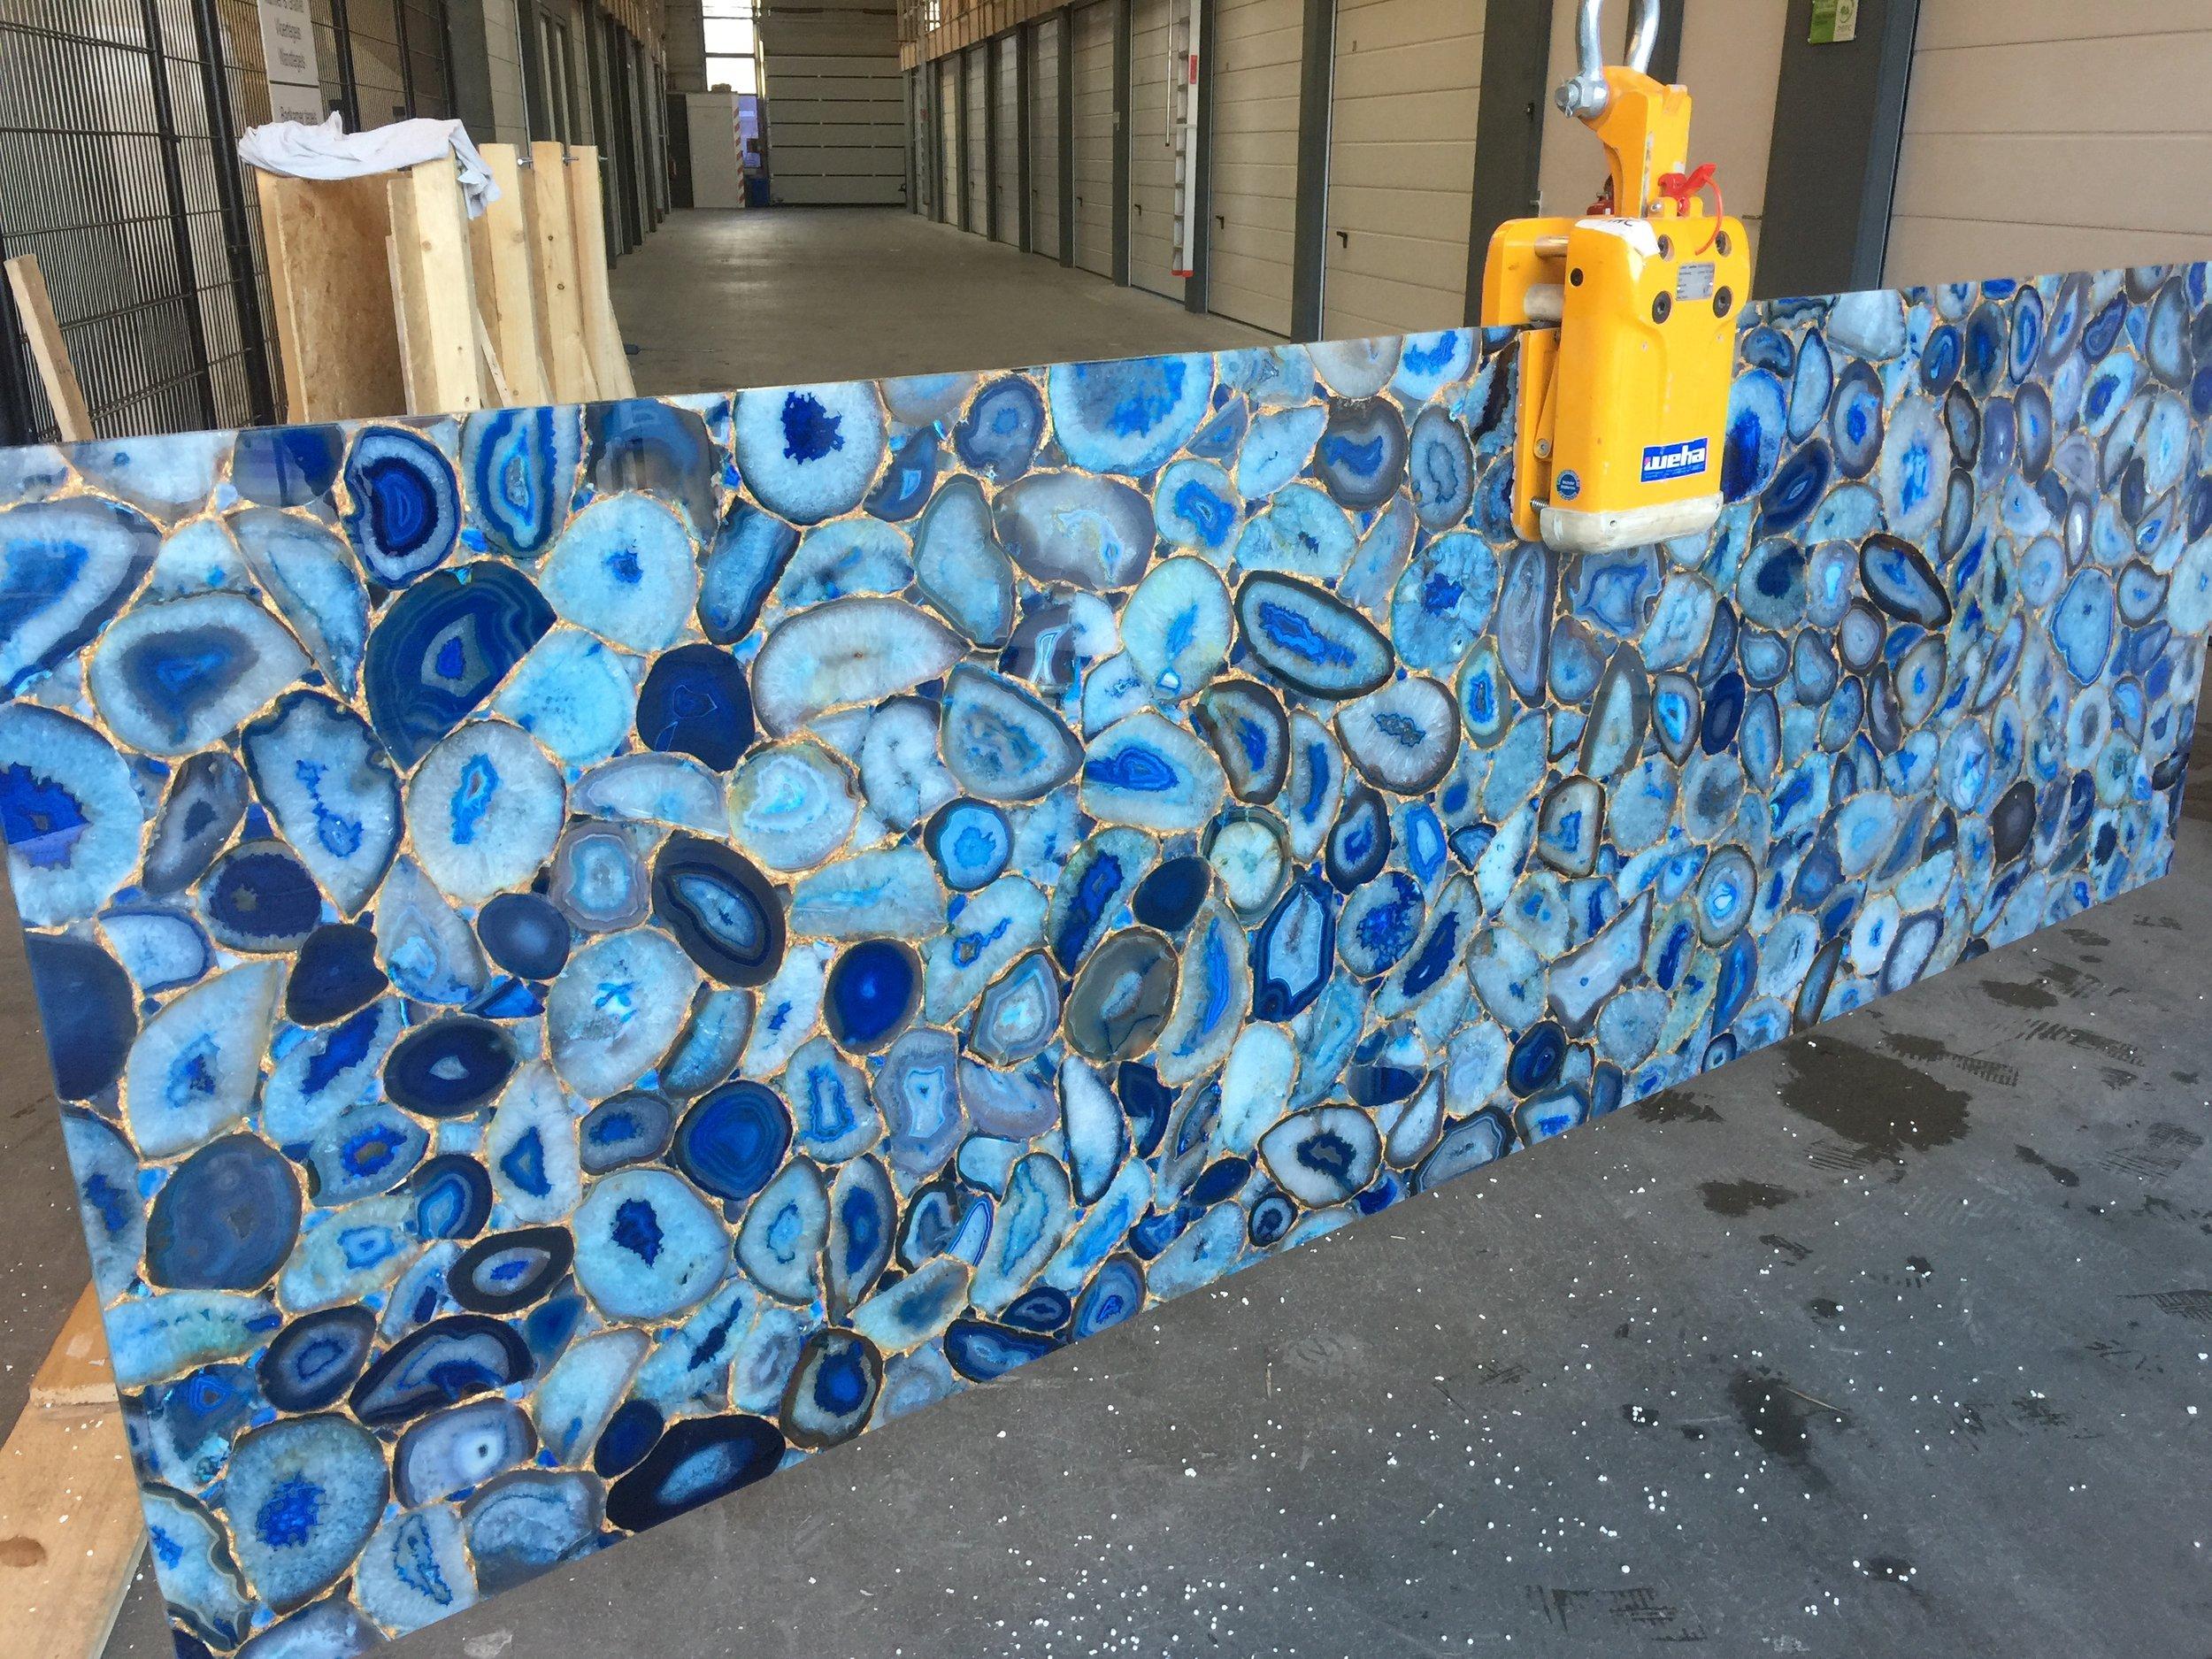 Blauwe agathe gemstone